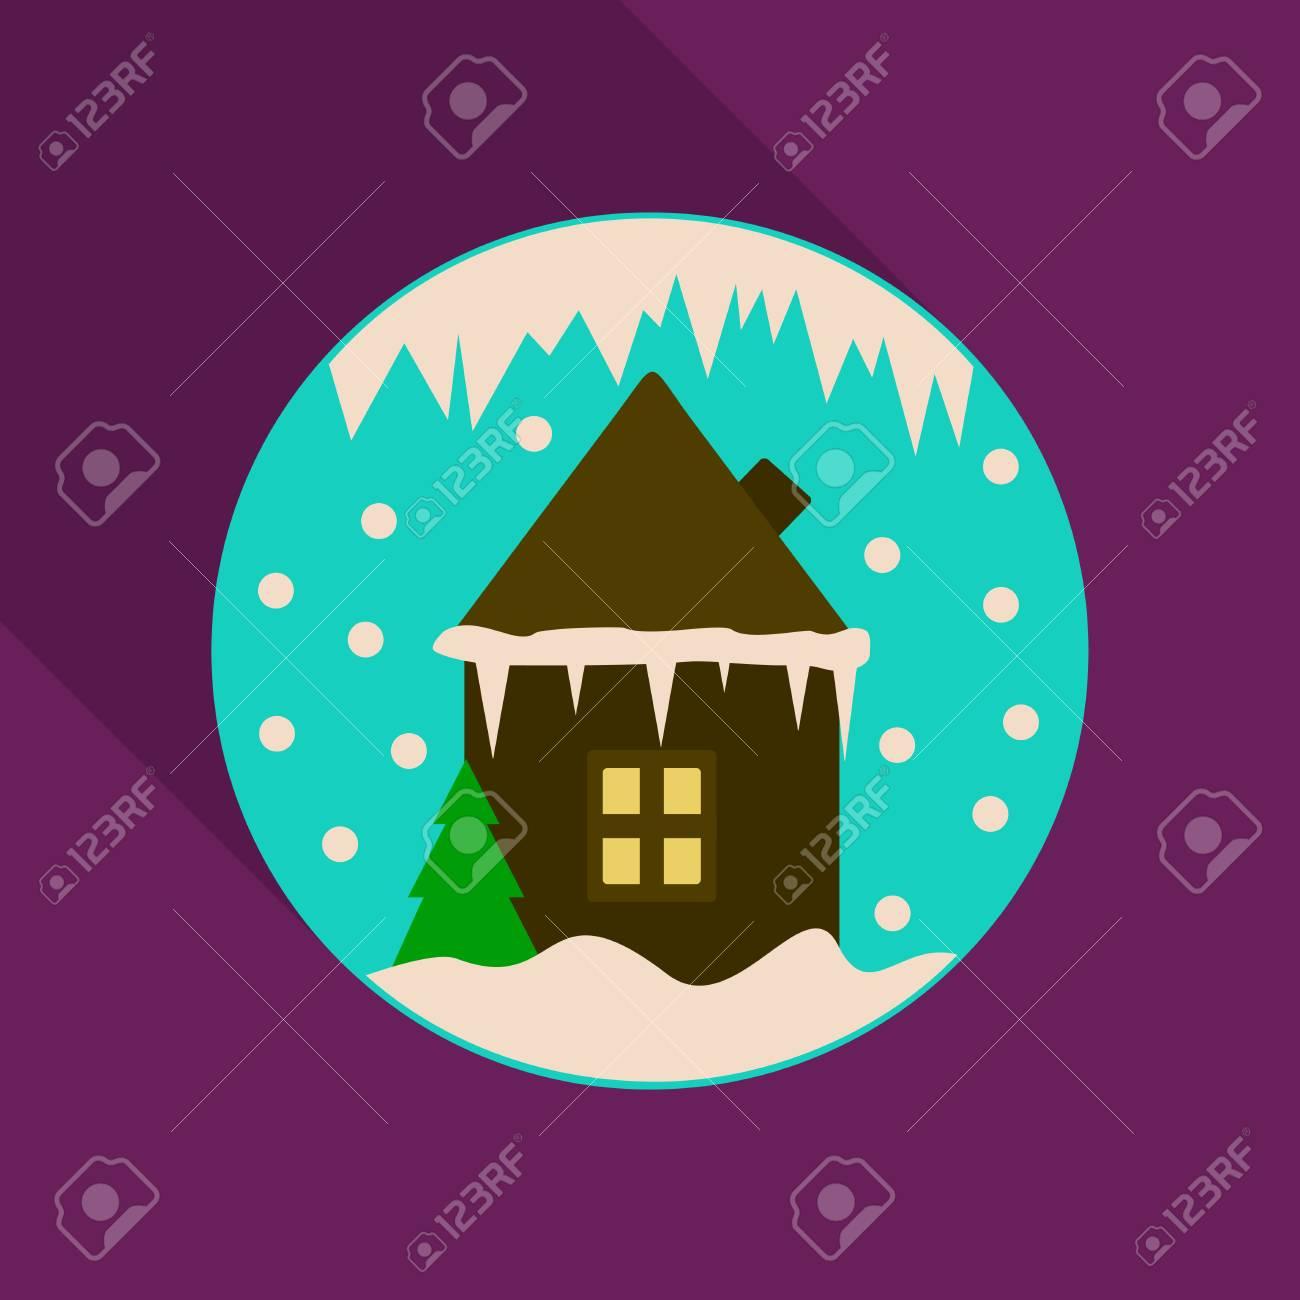 Banque dimages maison dhiver de dessin animé image vectorielle maisons de noël recouvertes de neige en cercle